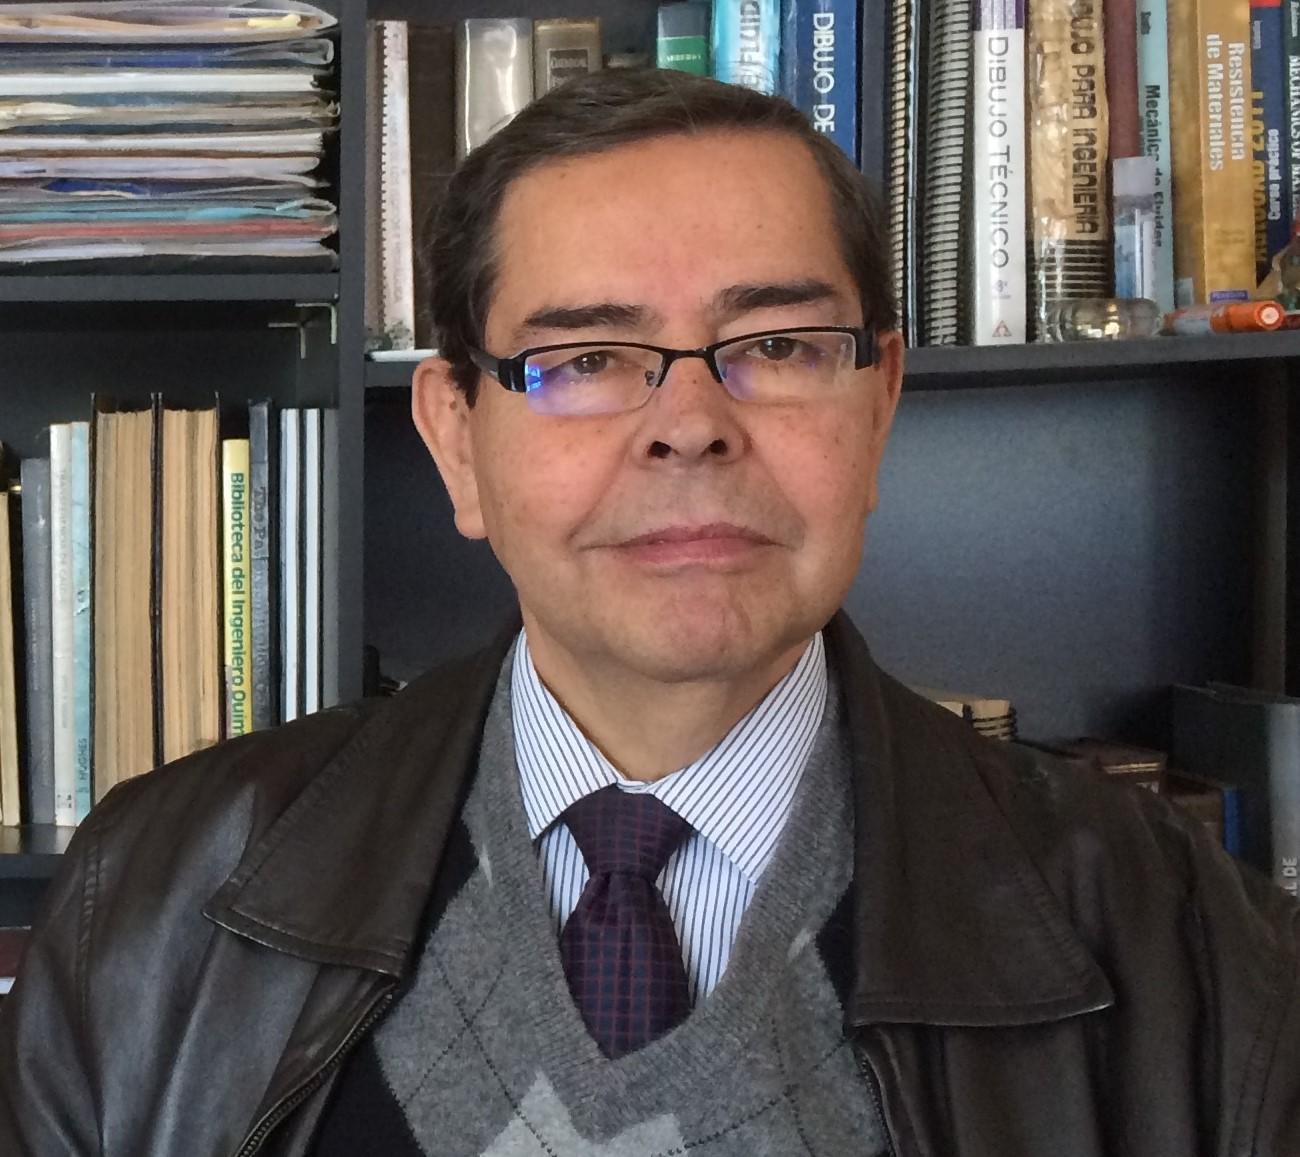 Horacio Aros Meneses